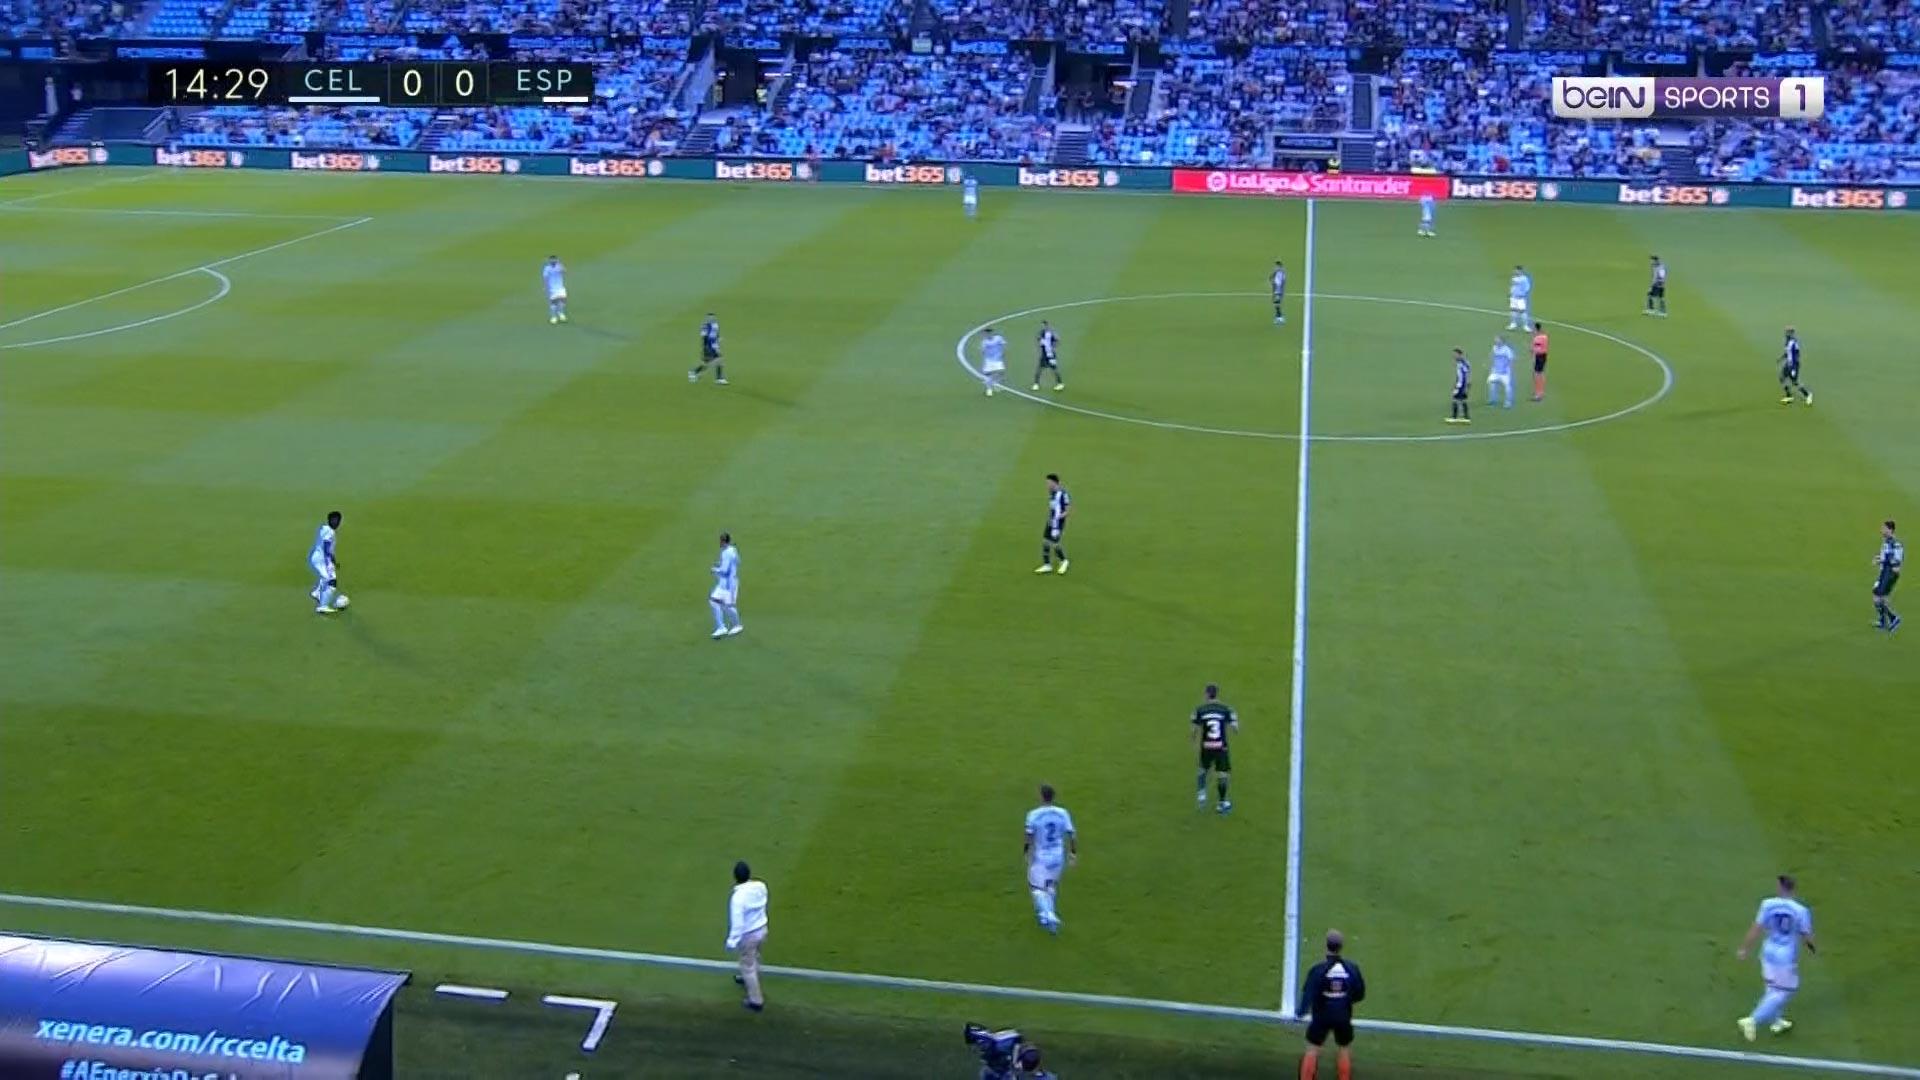 Frekuensi siaran BeIn Sports 1 HD di satelit Measat 3a Terbaru